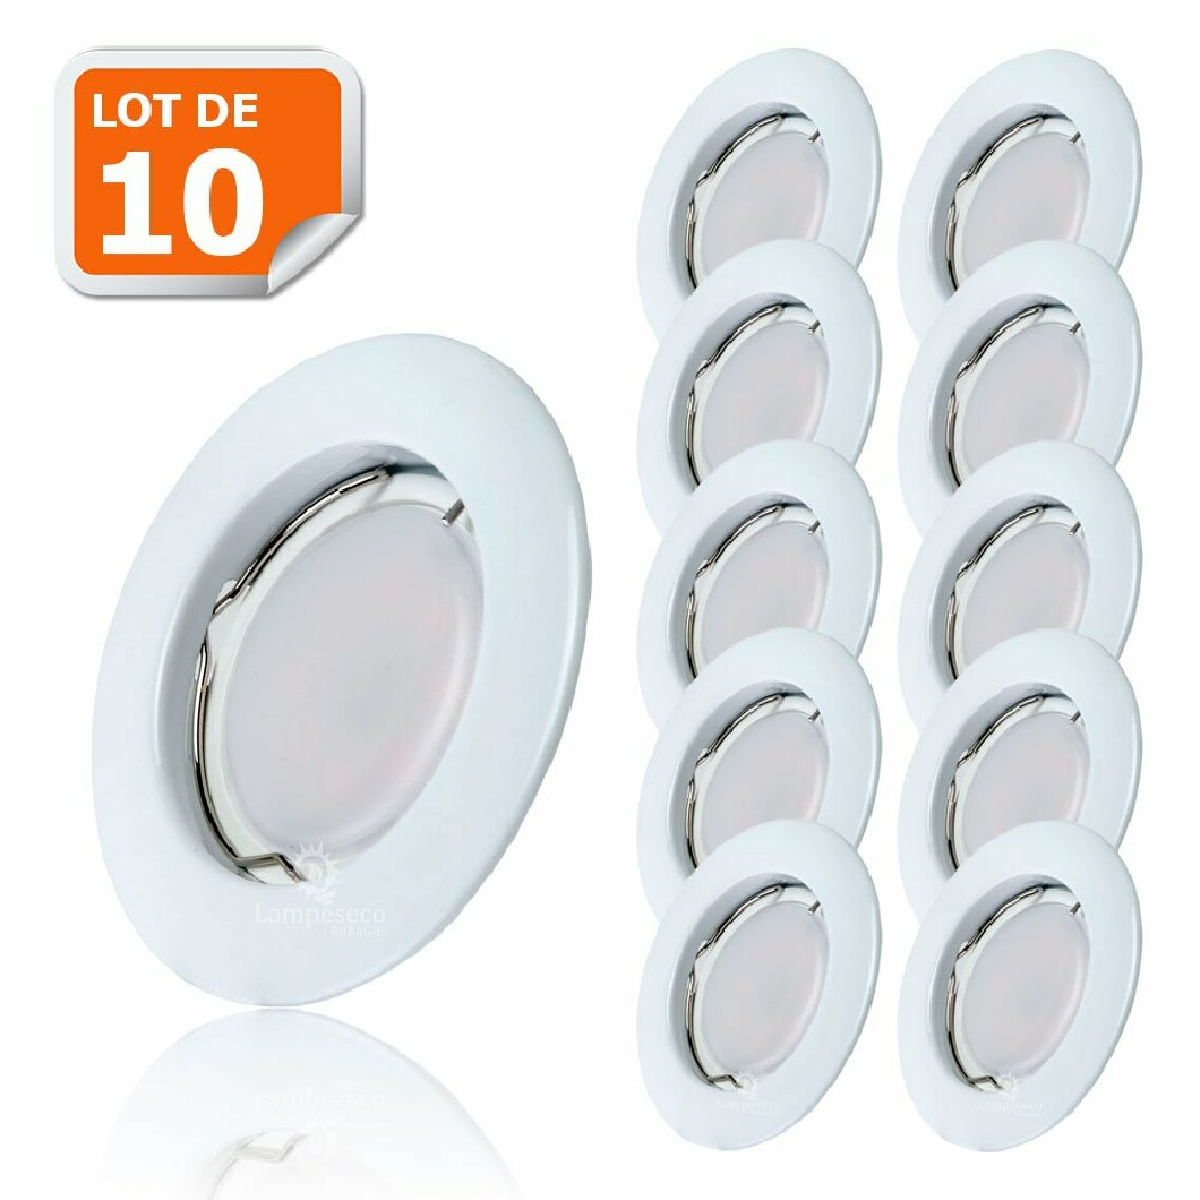 Eurobryte Lot de 10 Spot Led Encastrable Complete Blanc Lumière Blanc Chaud 5W eq.50W ref.267